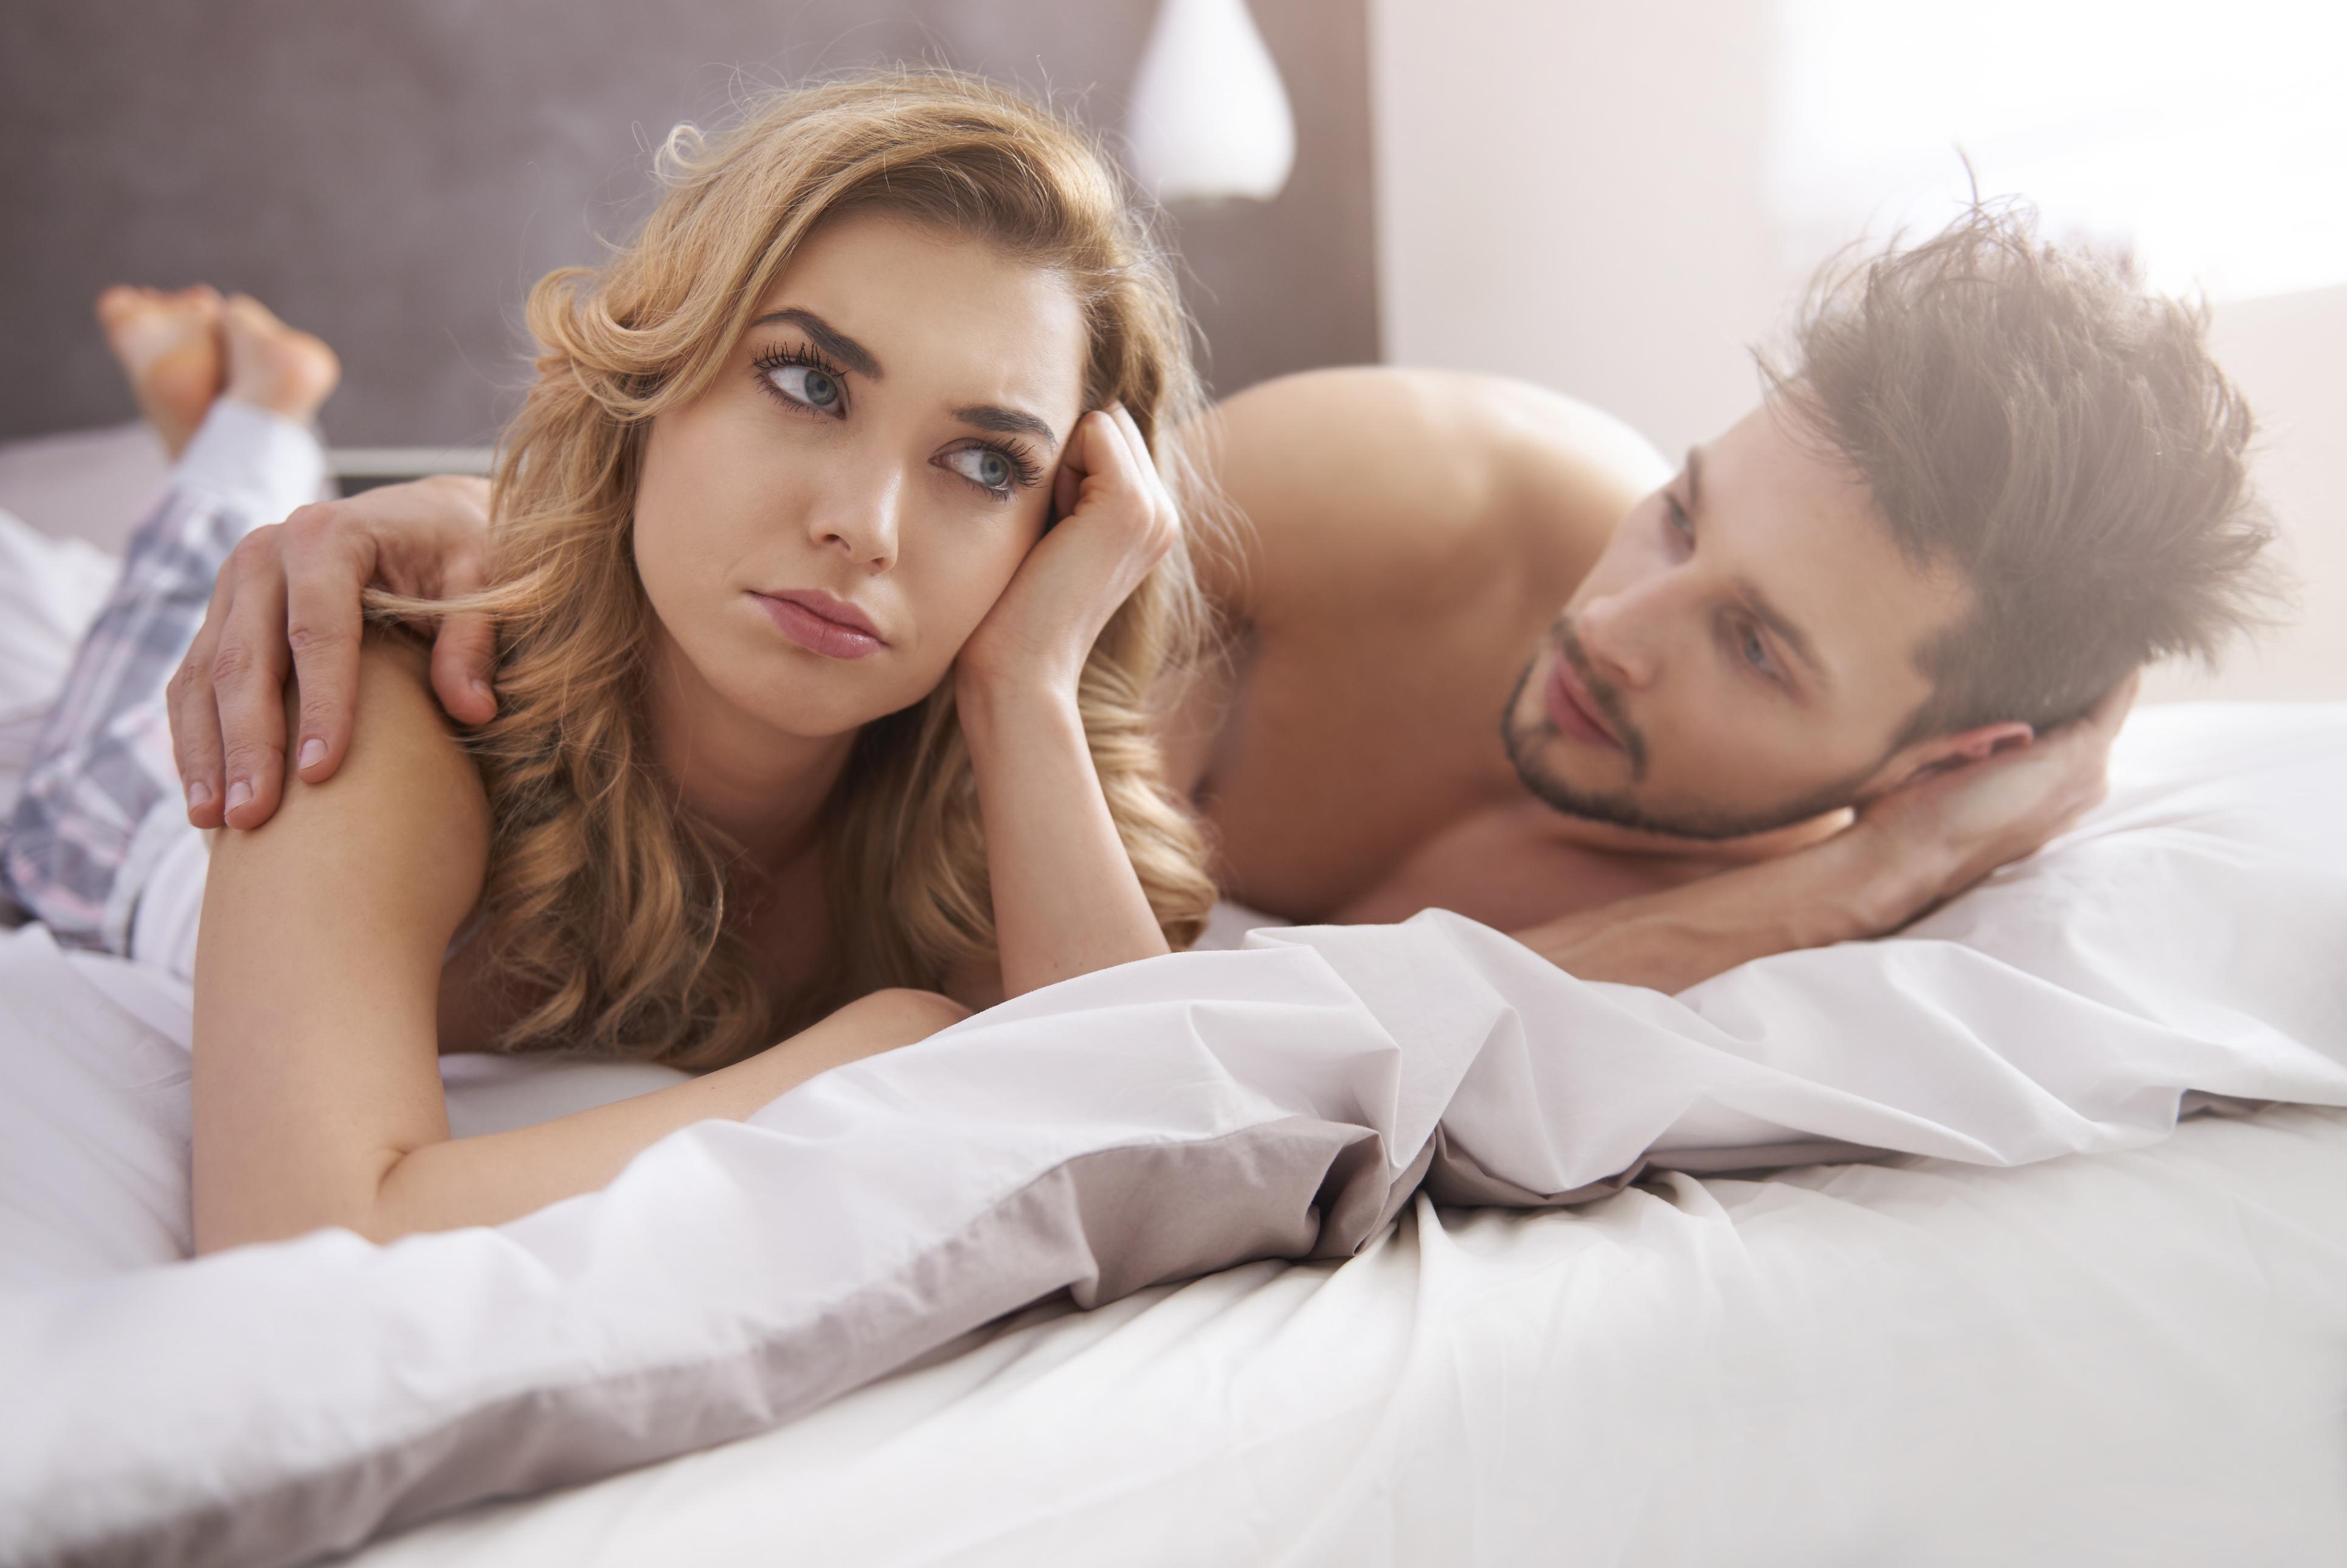 coisas-que-mulheres-odeiam-na-cama